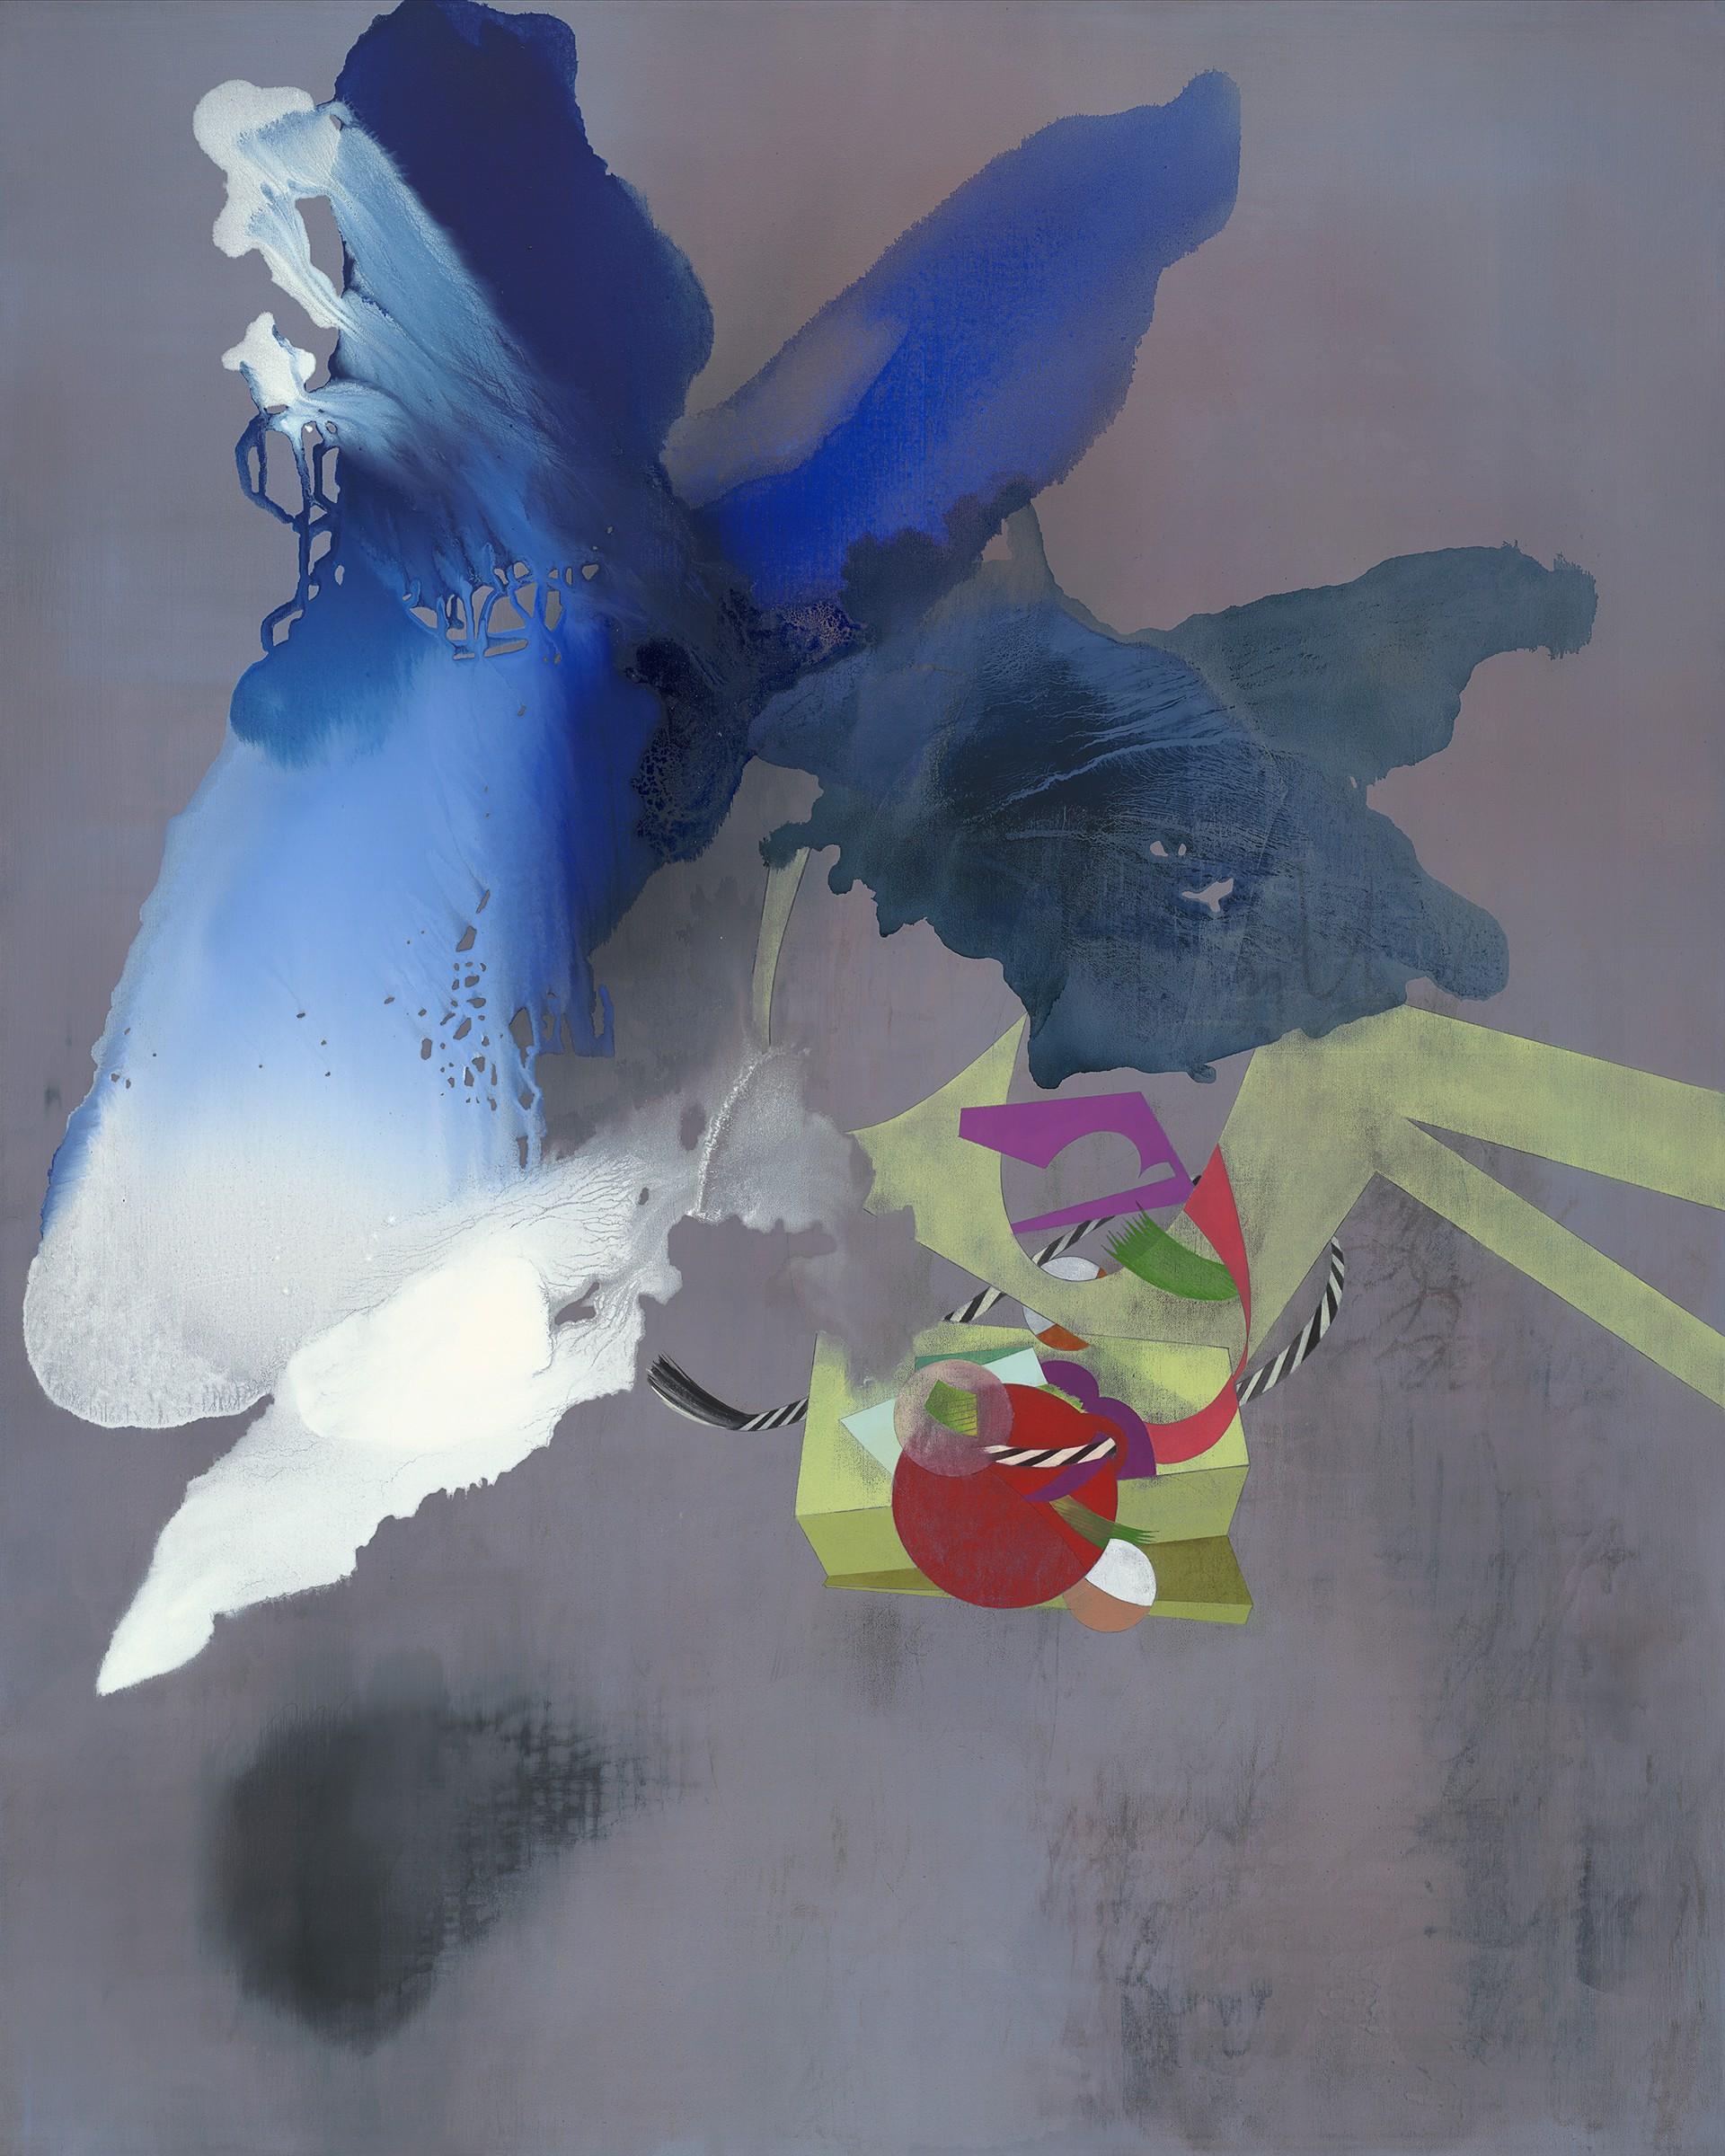 Chromium by Kuzana Ogg